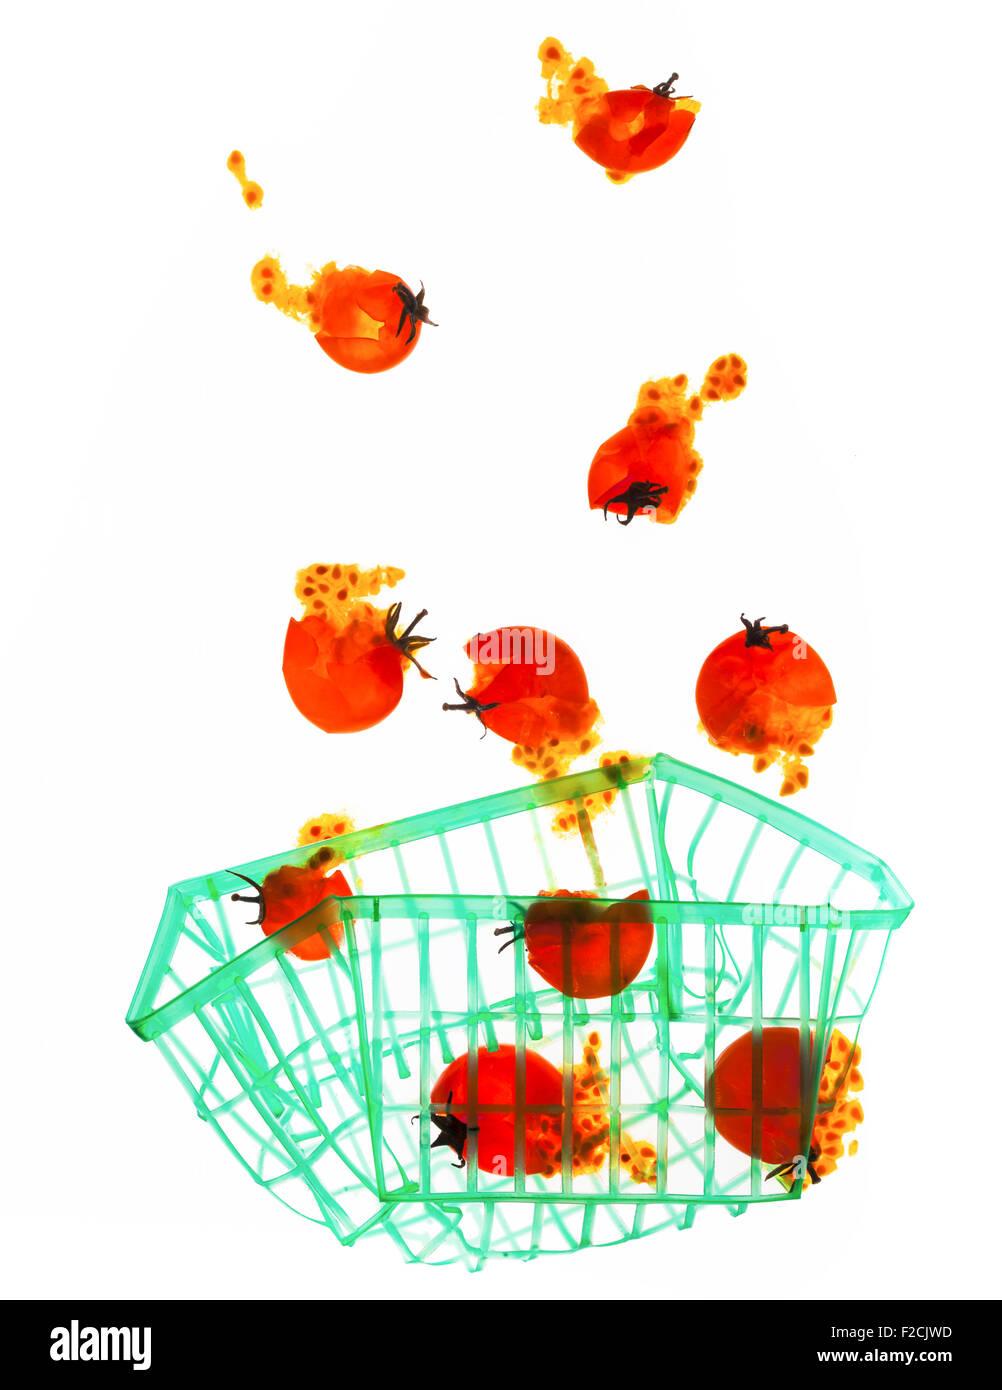 Tomates cerises fracassées à en sortir un carton vert plastique aplati Photo Stock